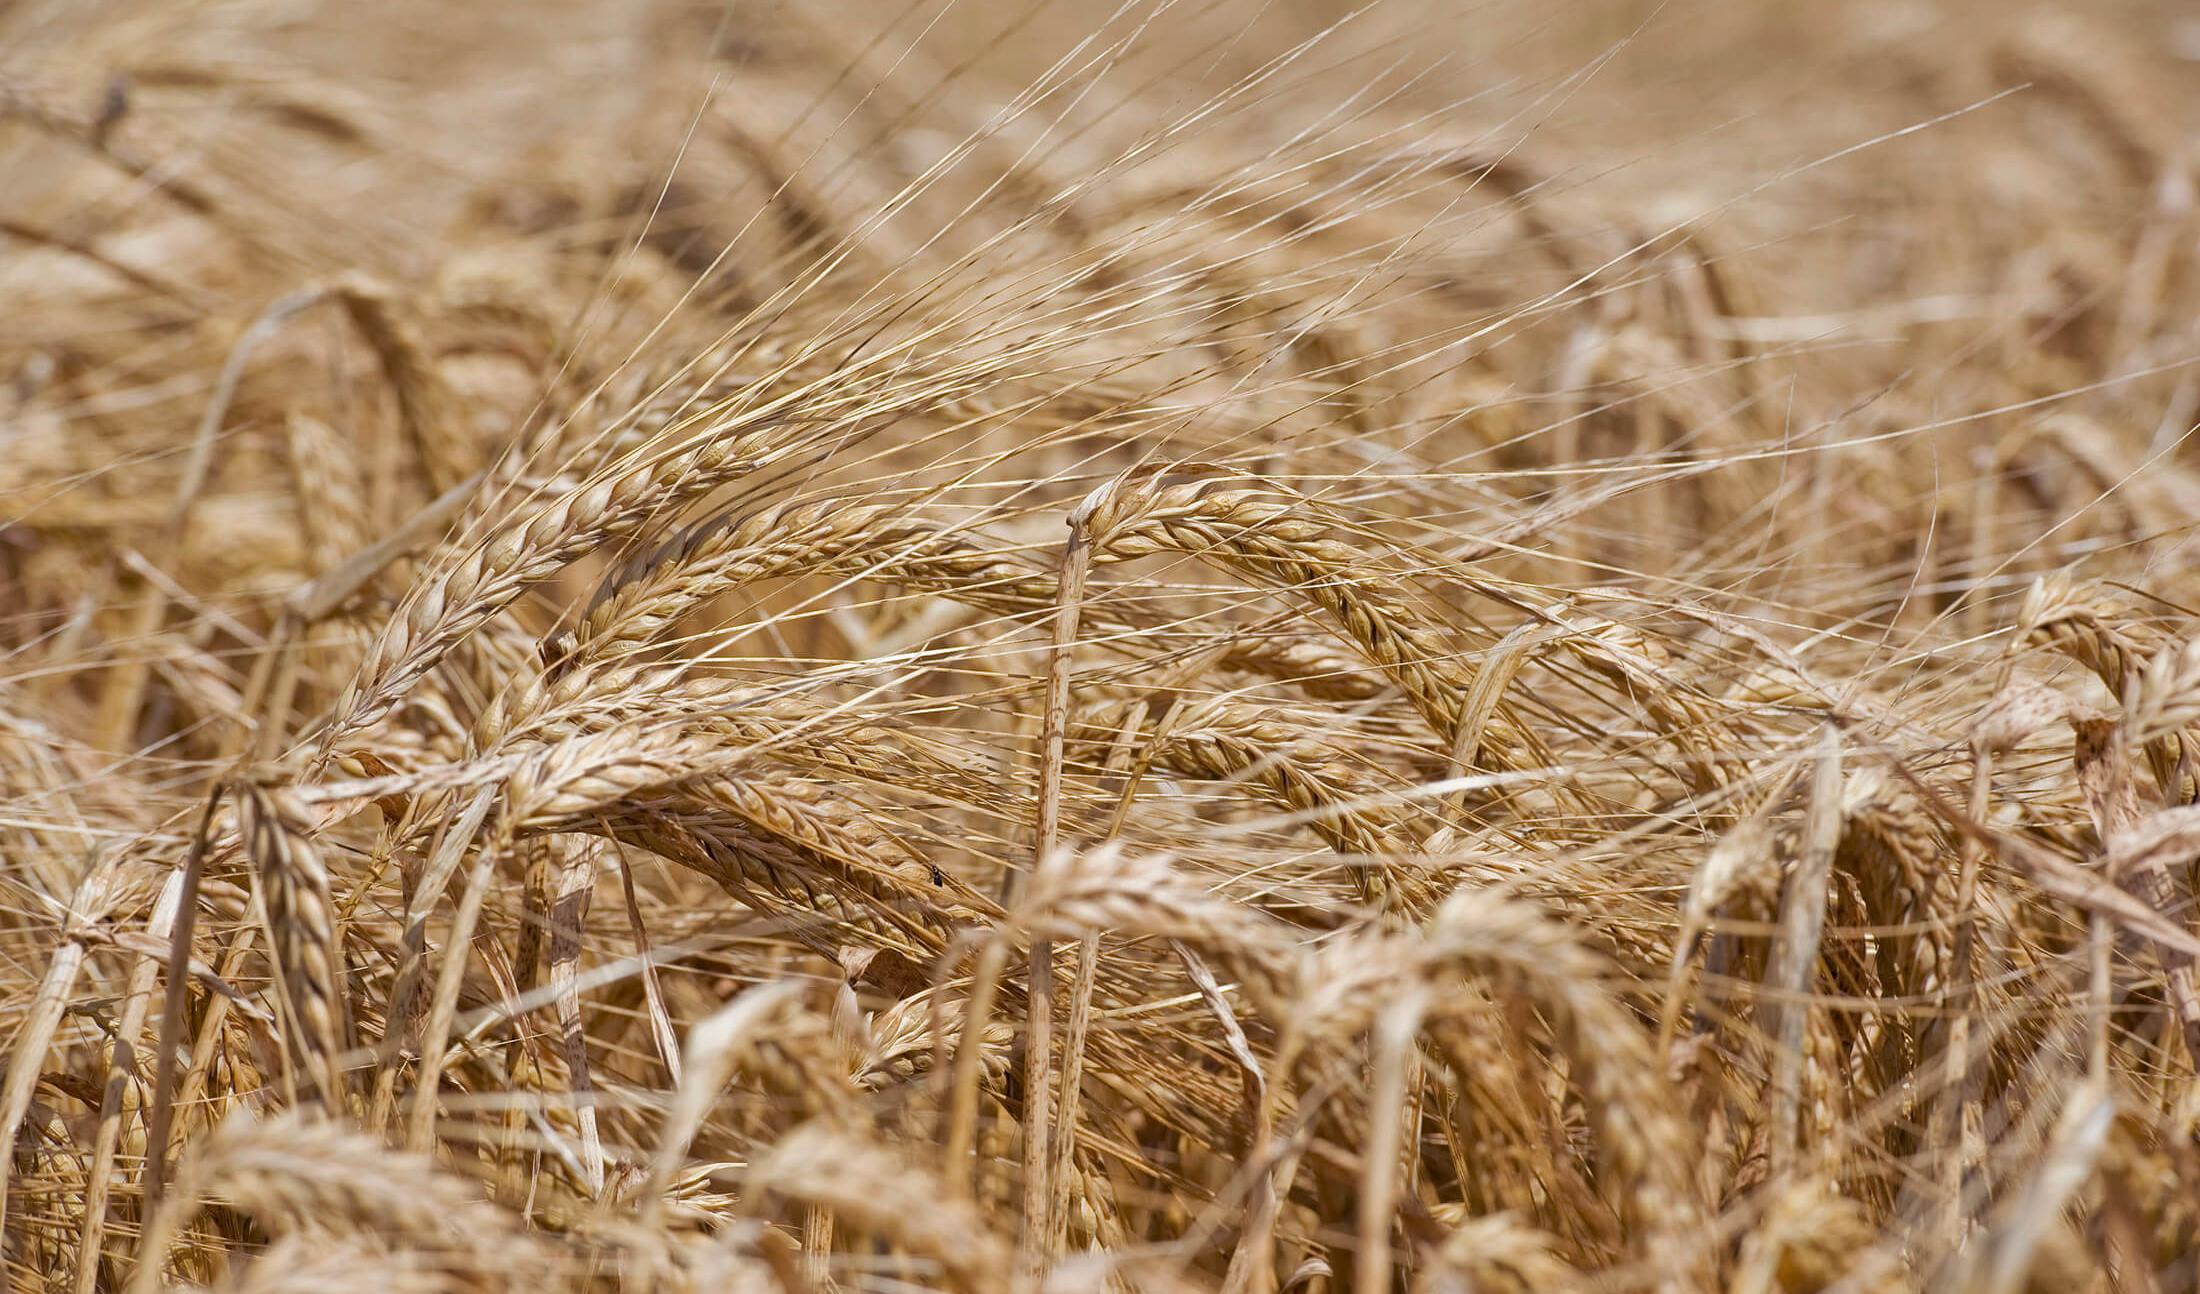 بنیاد ملی گندمکاران کاهش سطح زیرکشت گندم را تائید کرد